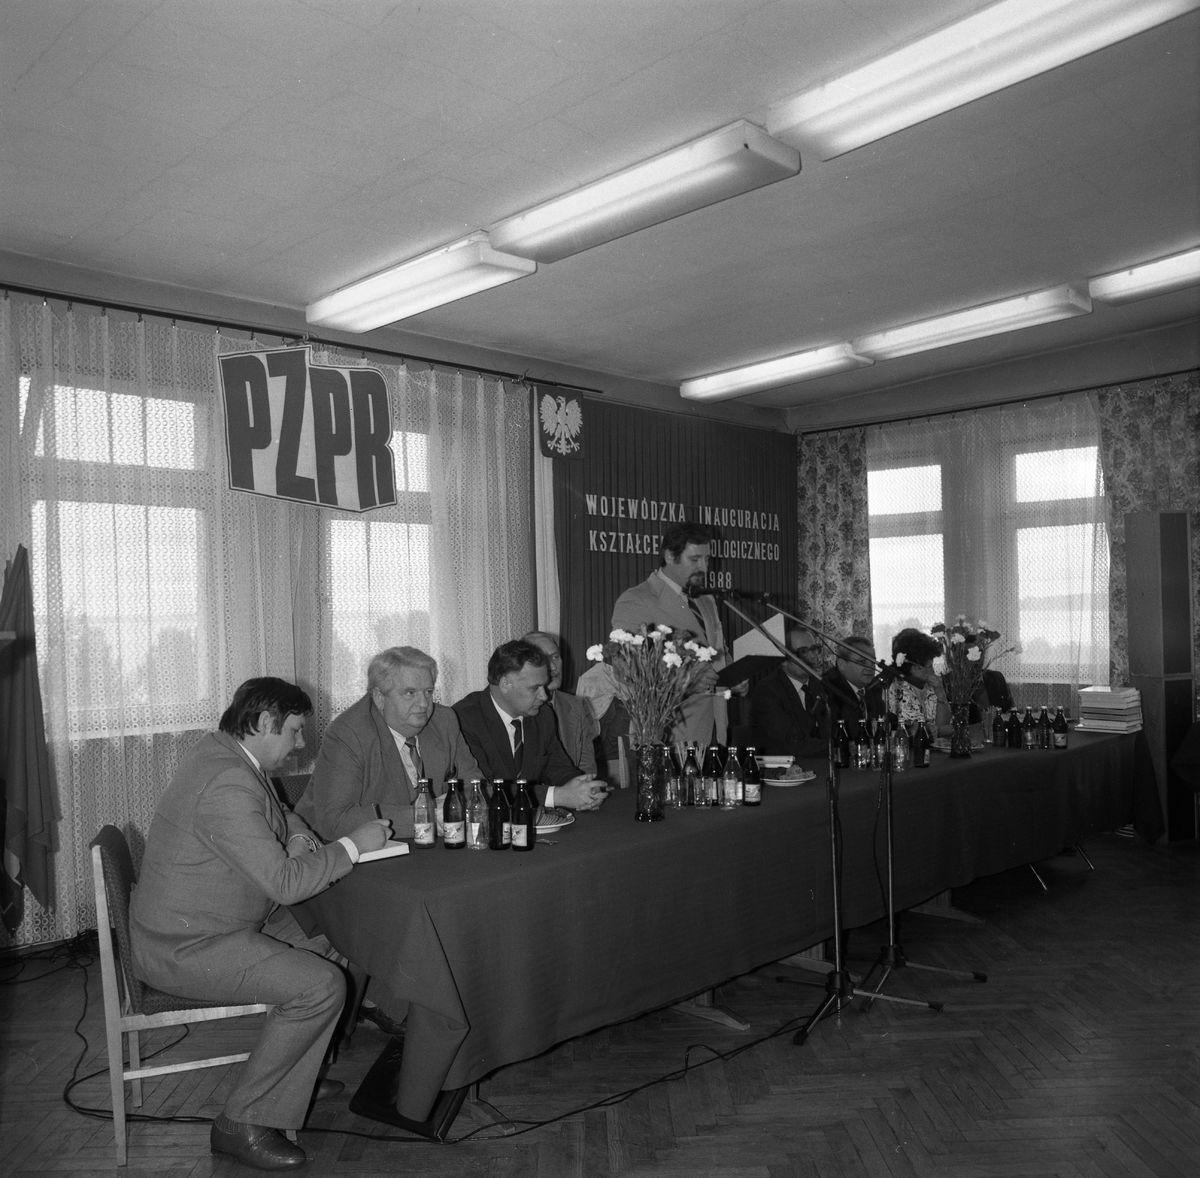 Wojewódzka Inauguracja Kształcenia Ideologicznego, 1987 r. [2]